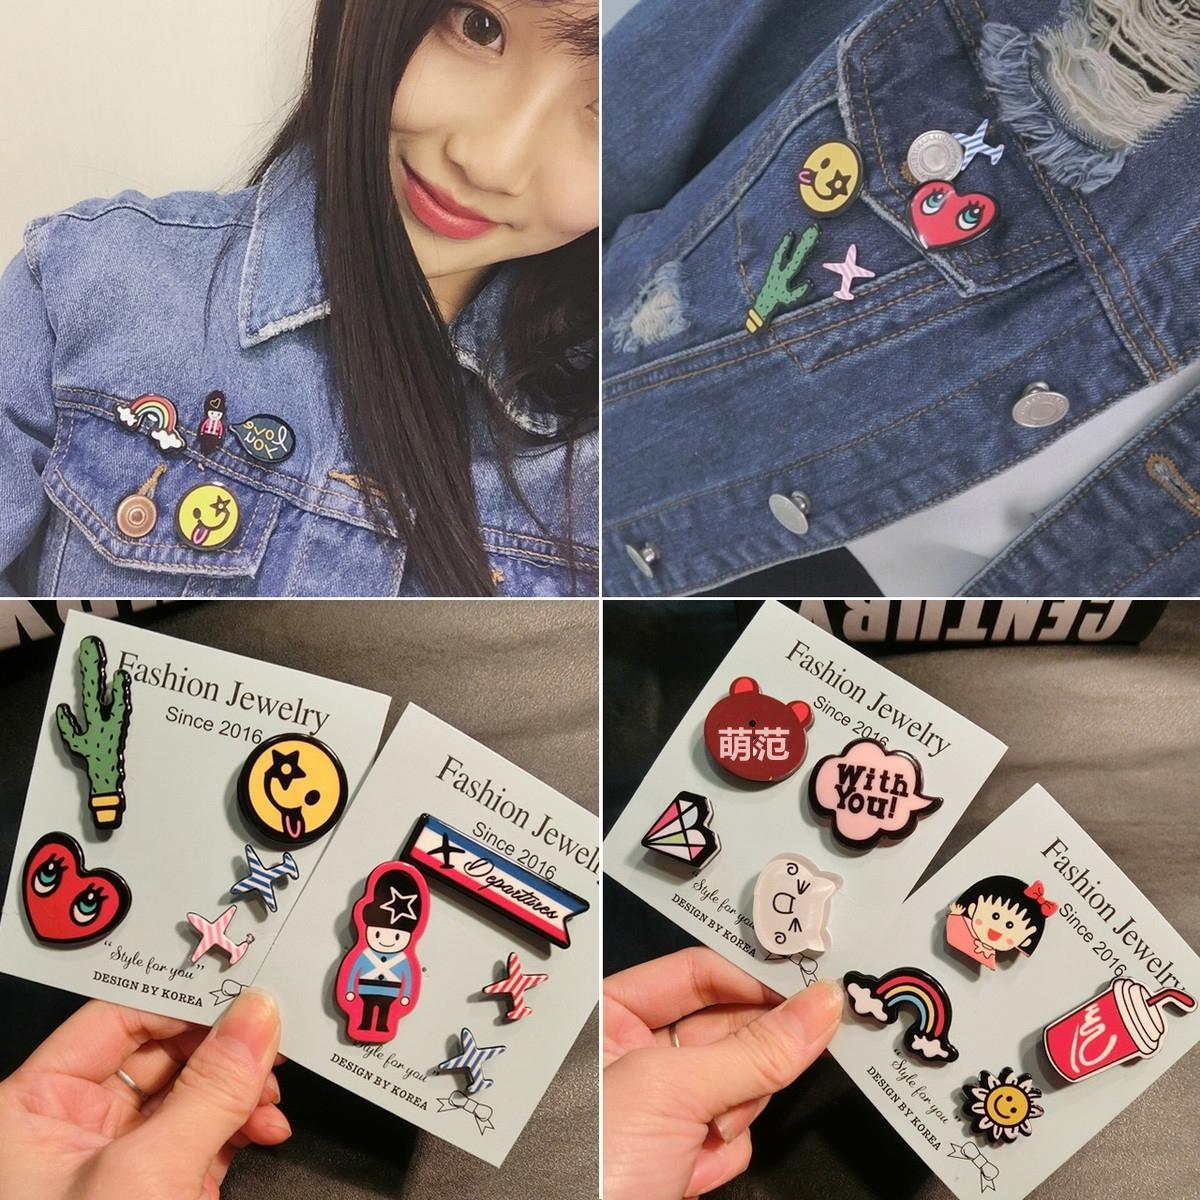 Nhật bản và Hàn Quốc máy bay huy hiệu acrylic trâm nữ Hàn Quốc trâm phụ kiện cổ áo dễ thương cartoon pin người lớn khóa nữ